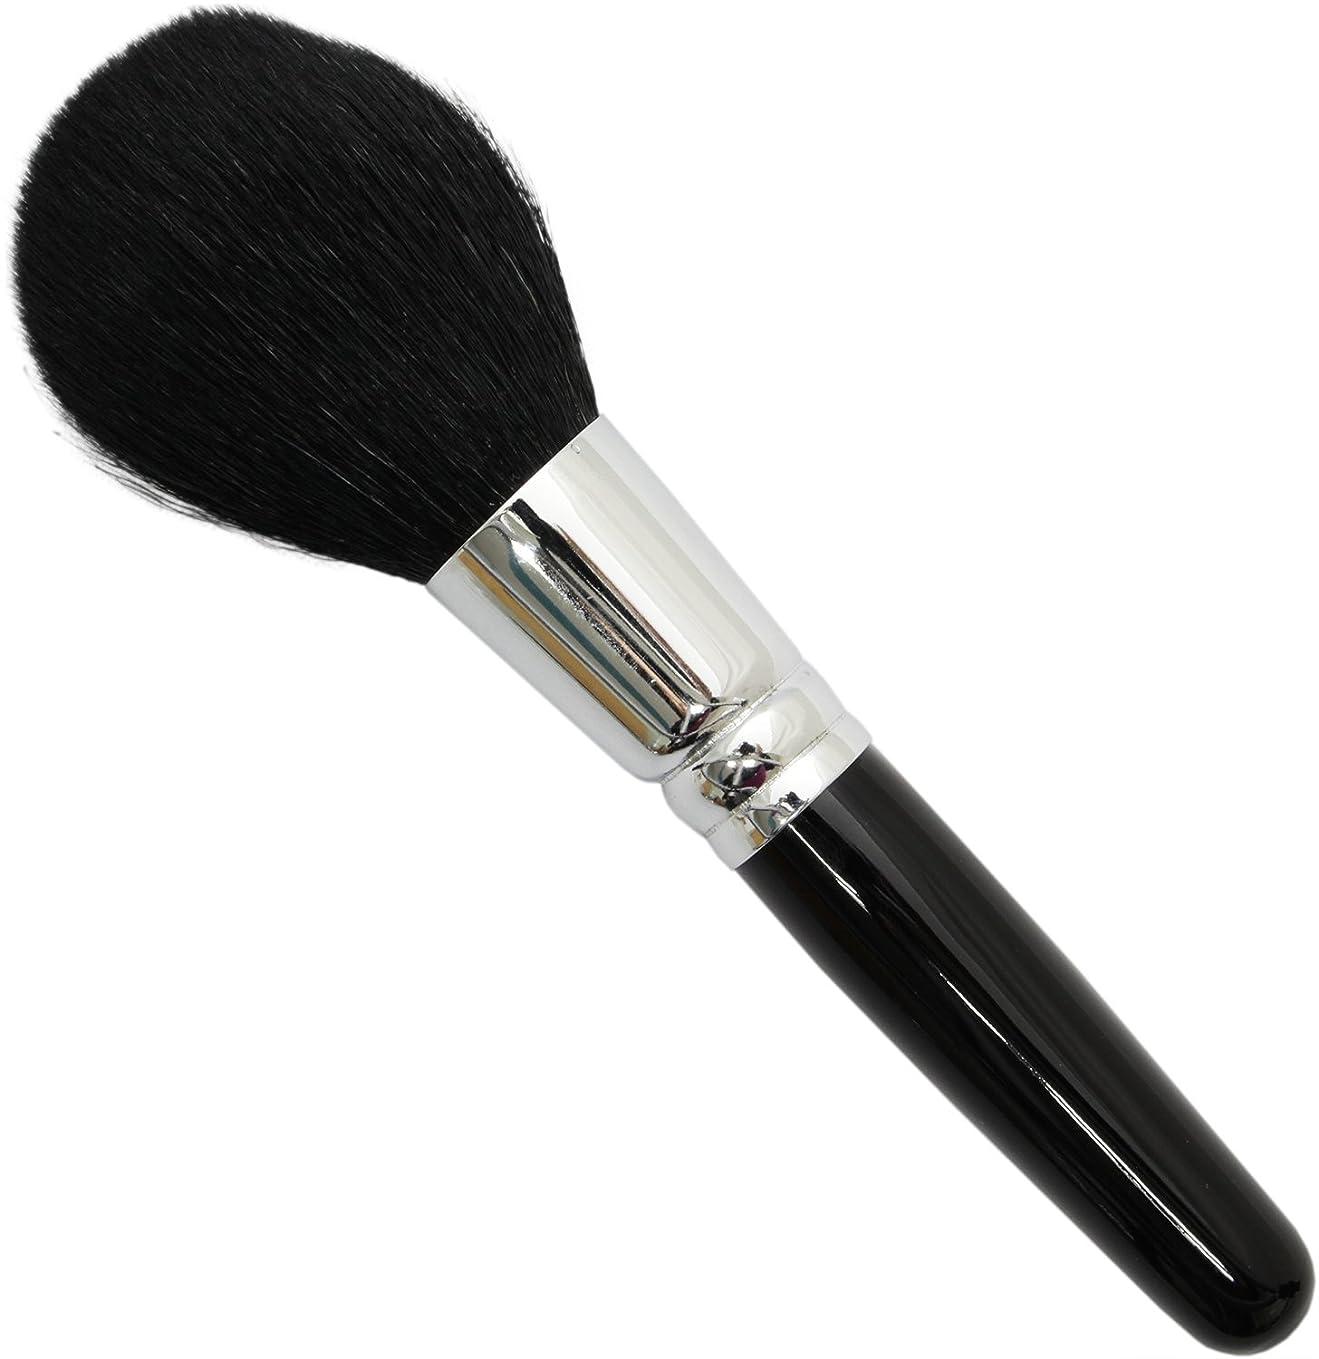 従事したクアッガ承知しました熊野筆 メイクブラシ SRシリーズ フェイスブラシ 丸 山羊毛